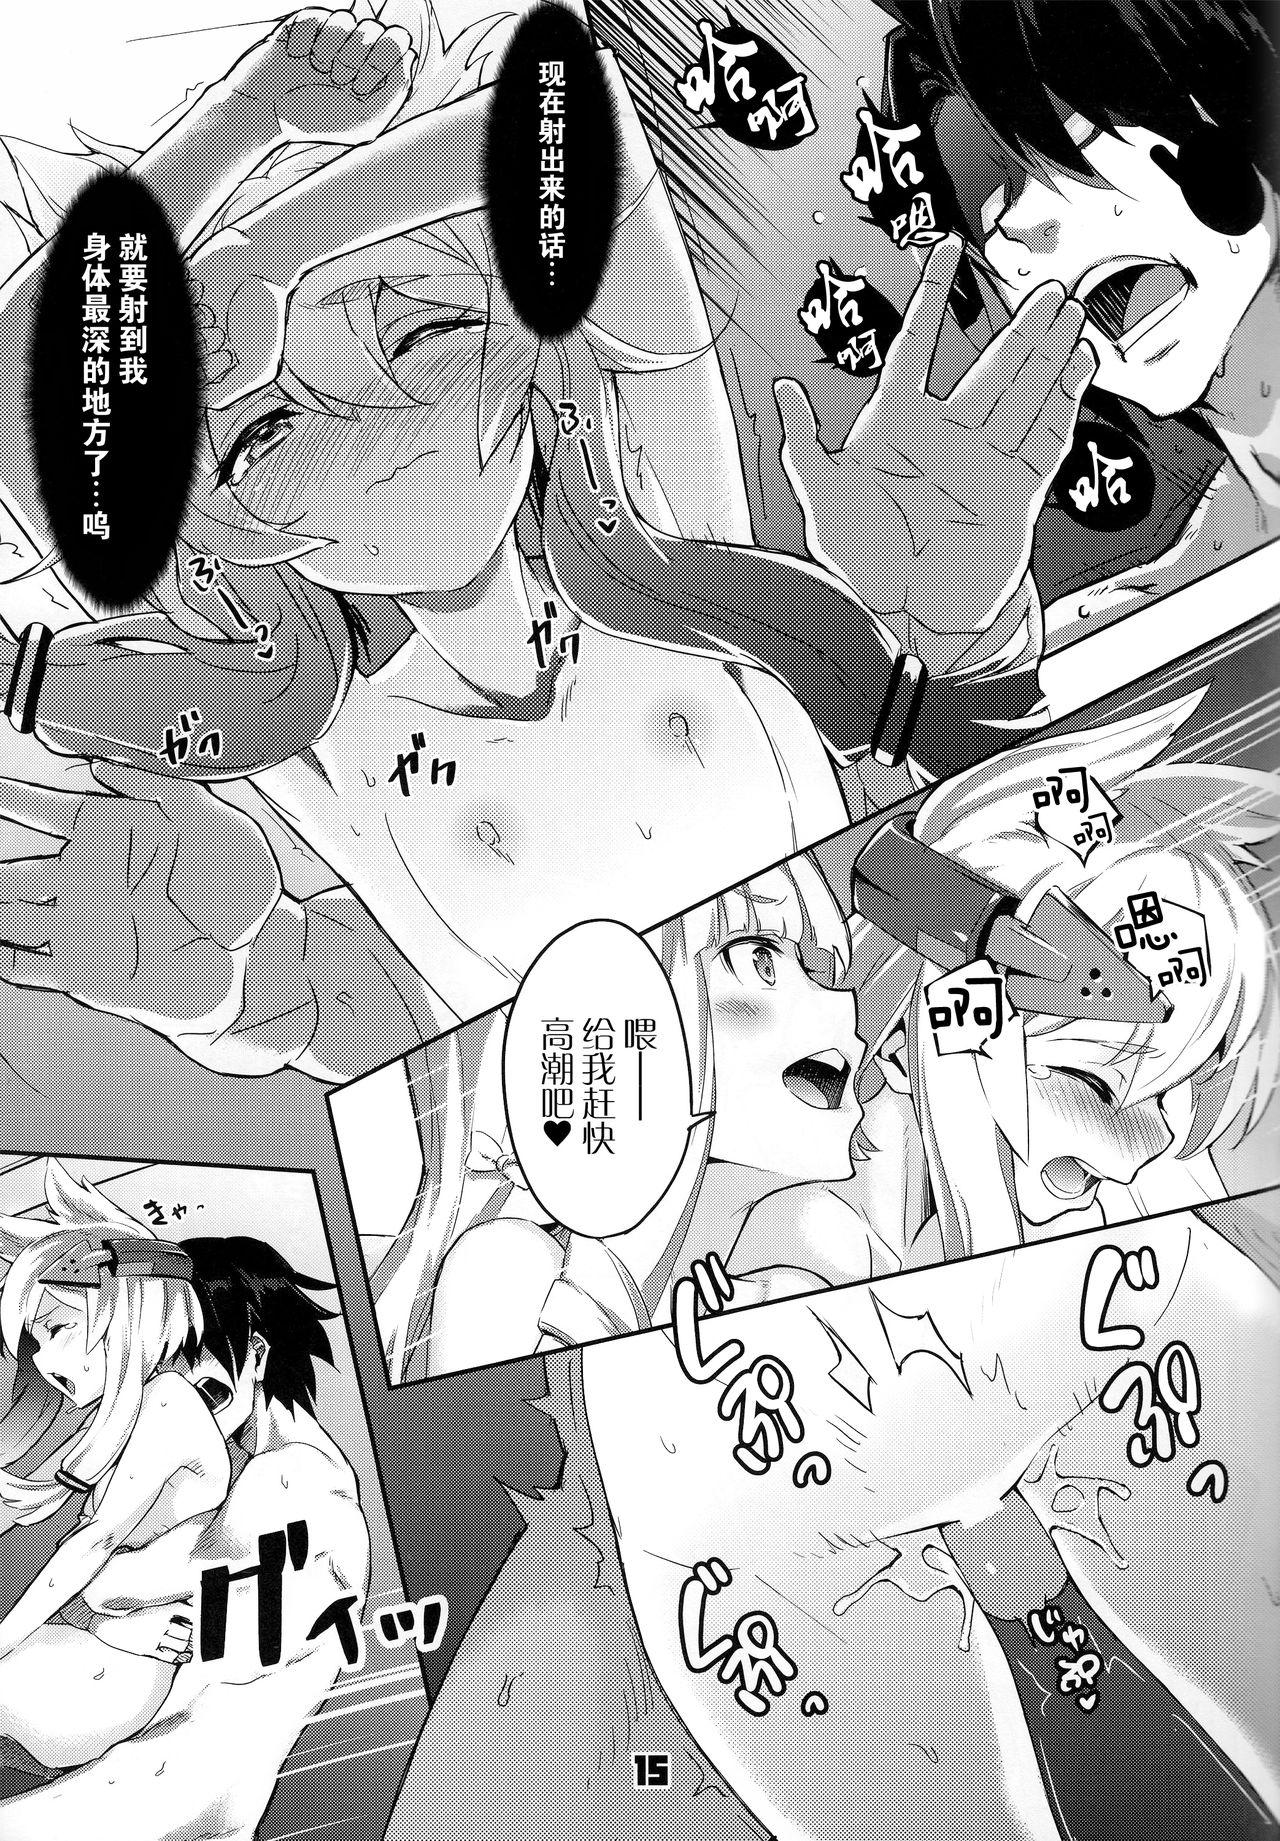 Kinpatsu Manaita no Template 14